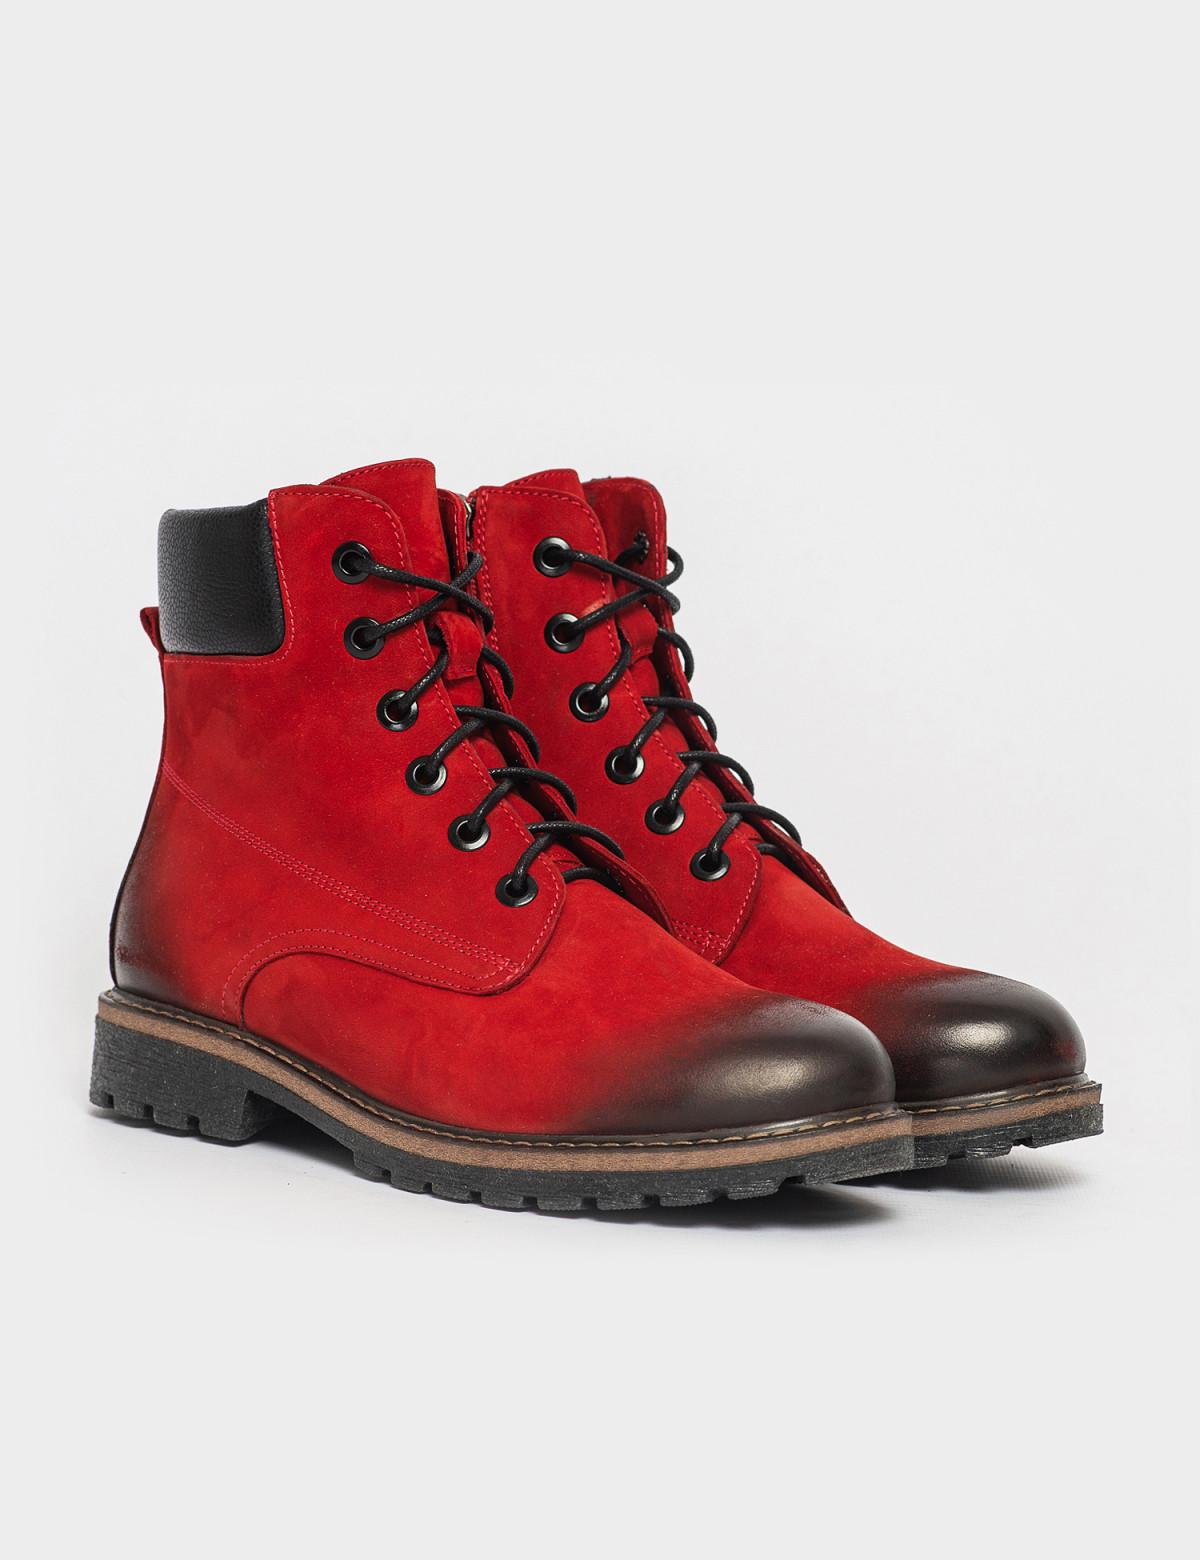 Ботинки красные. Натуральный нубук. Байка1